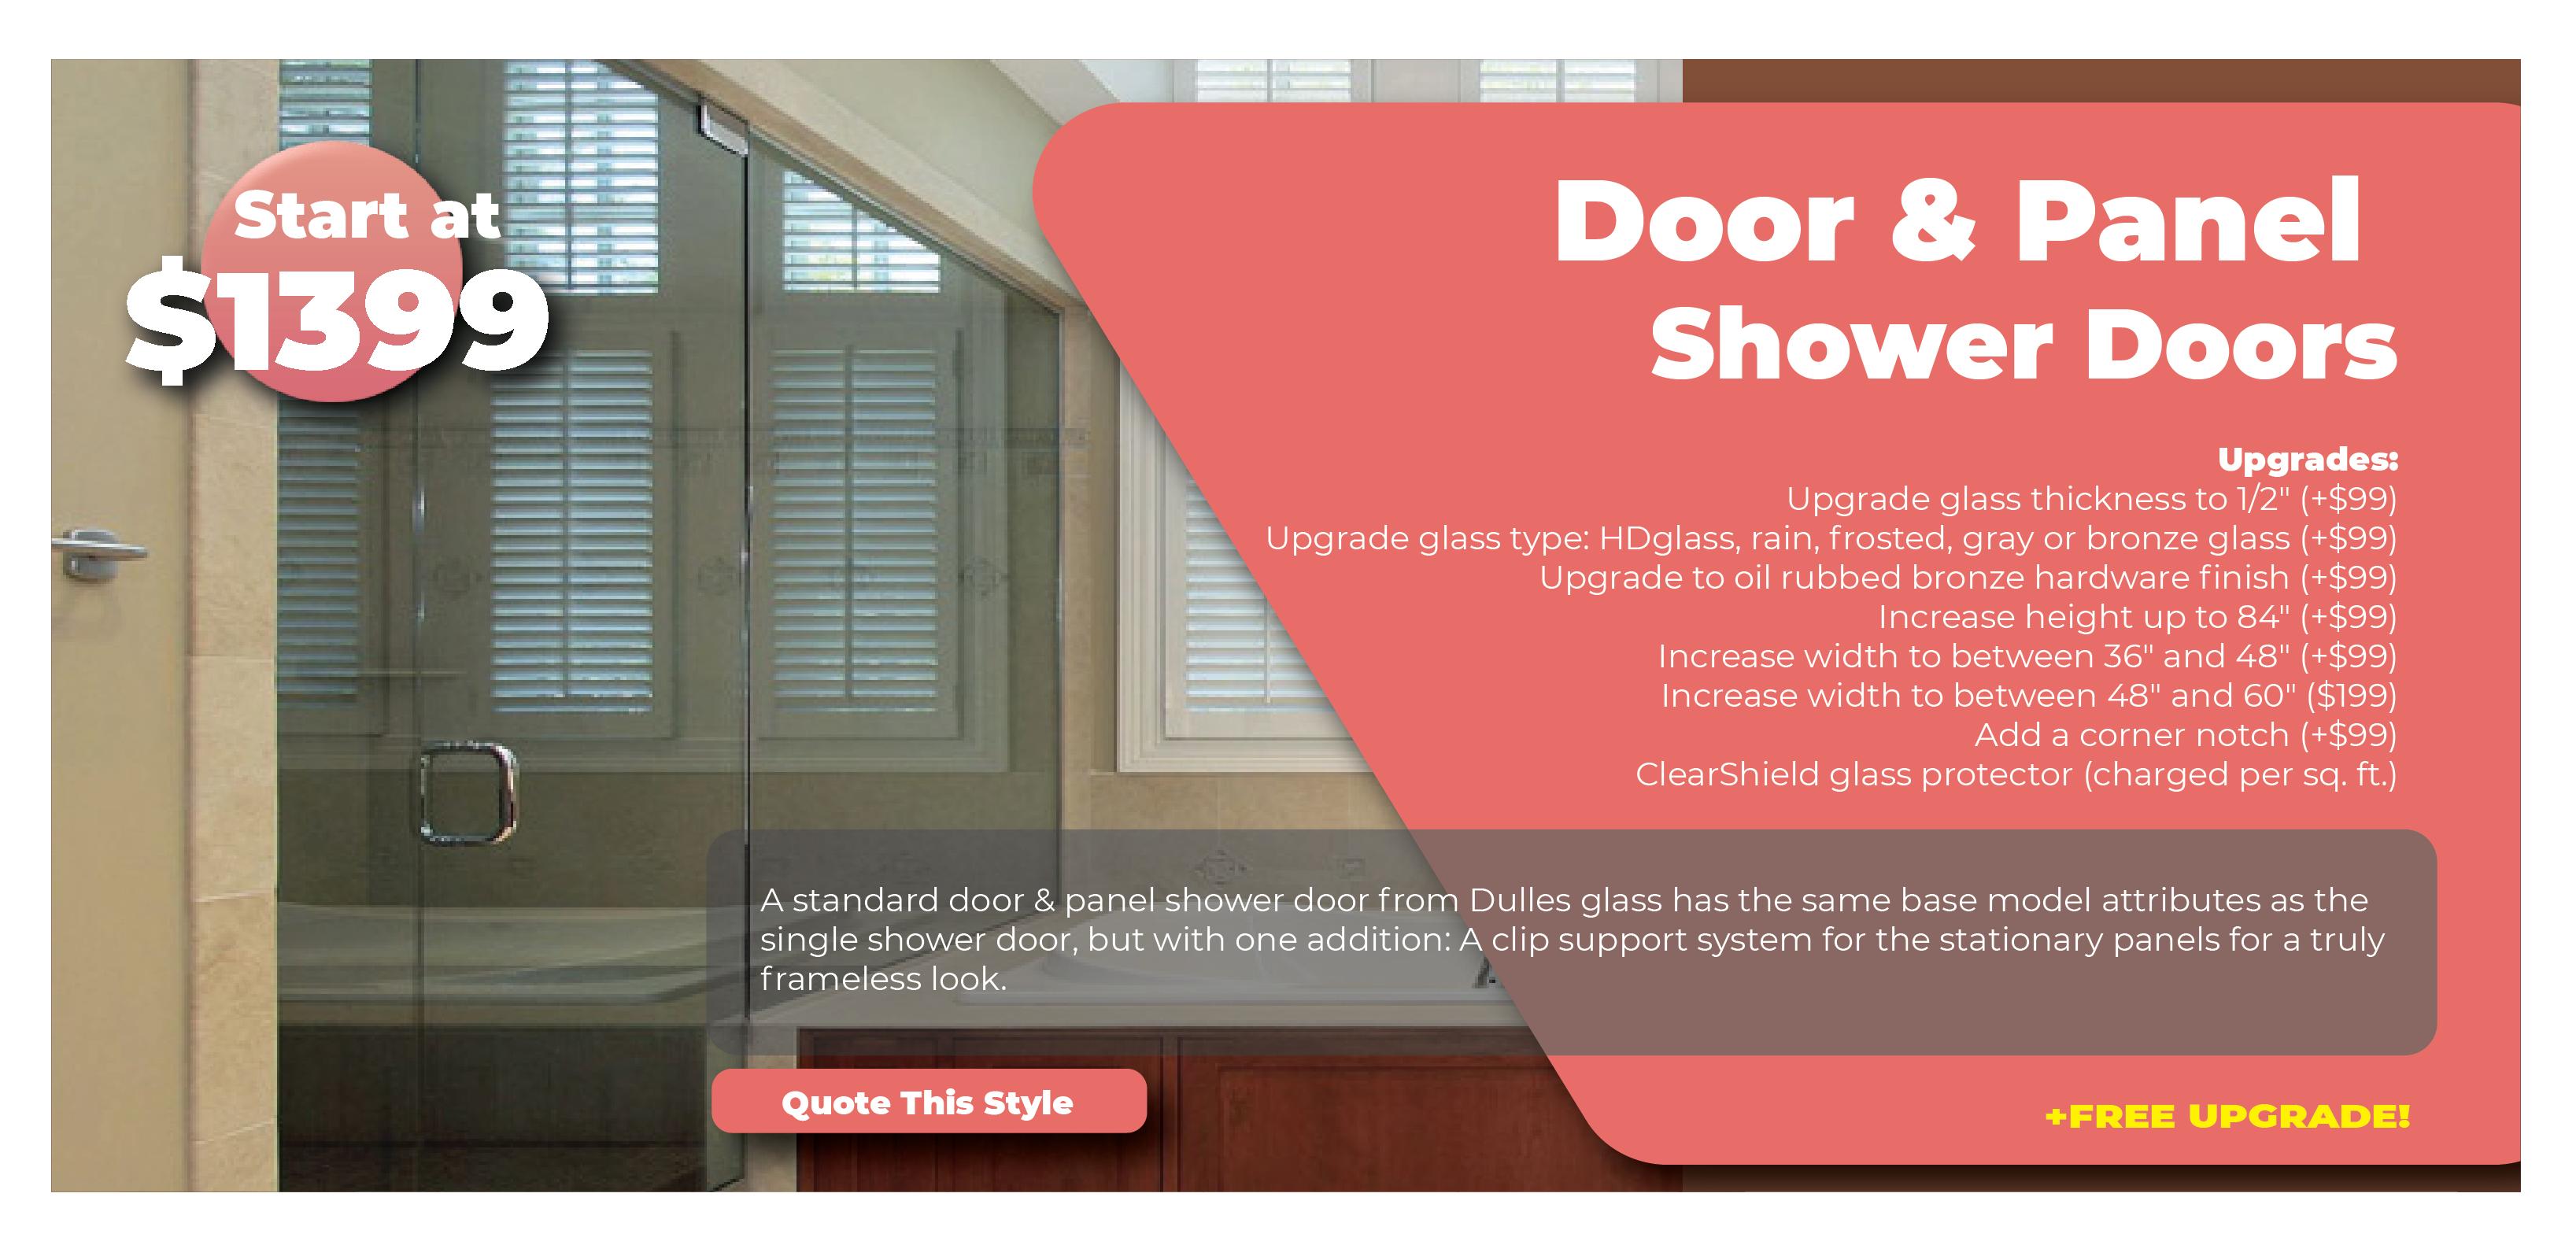 Door and Panel Shower Doors Promo